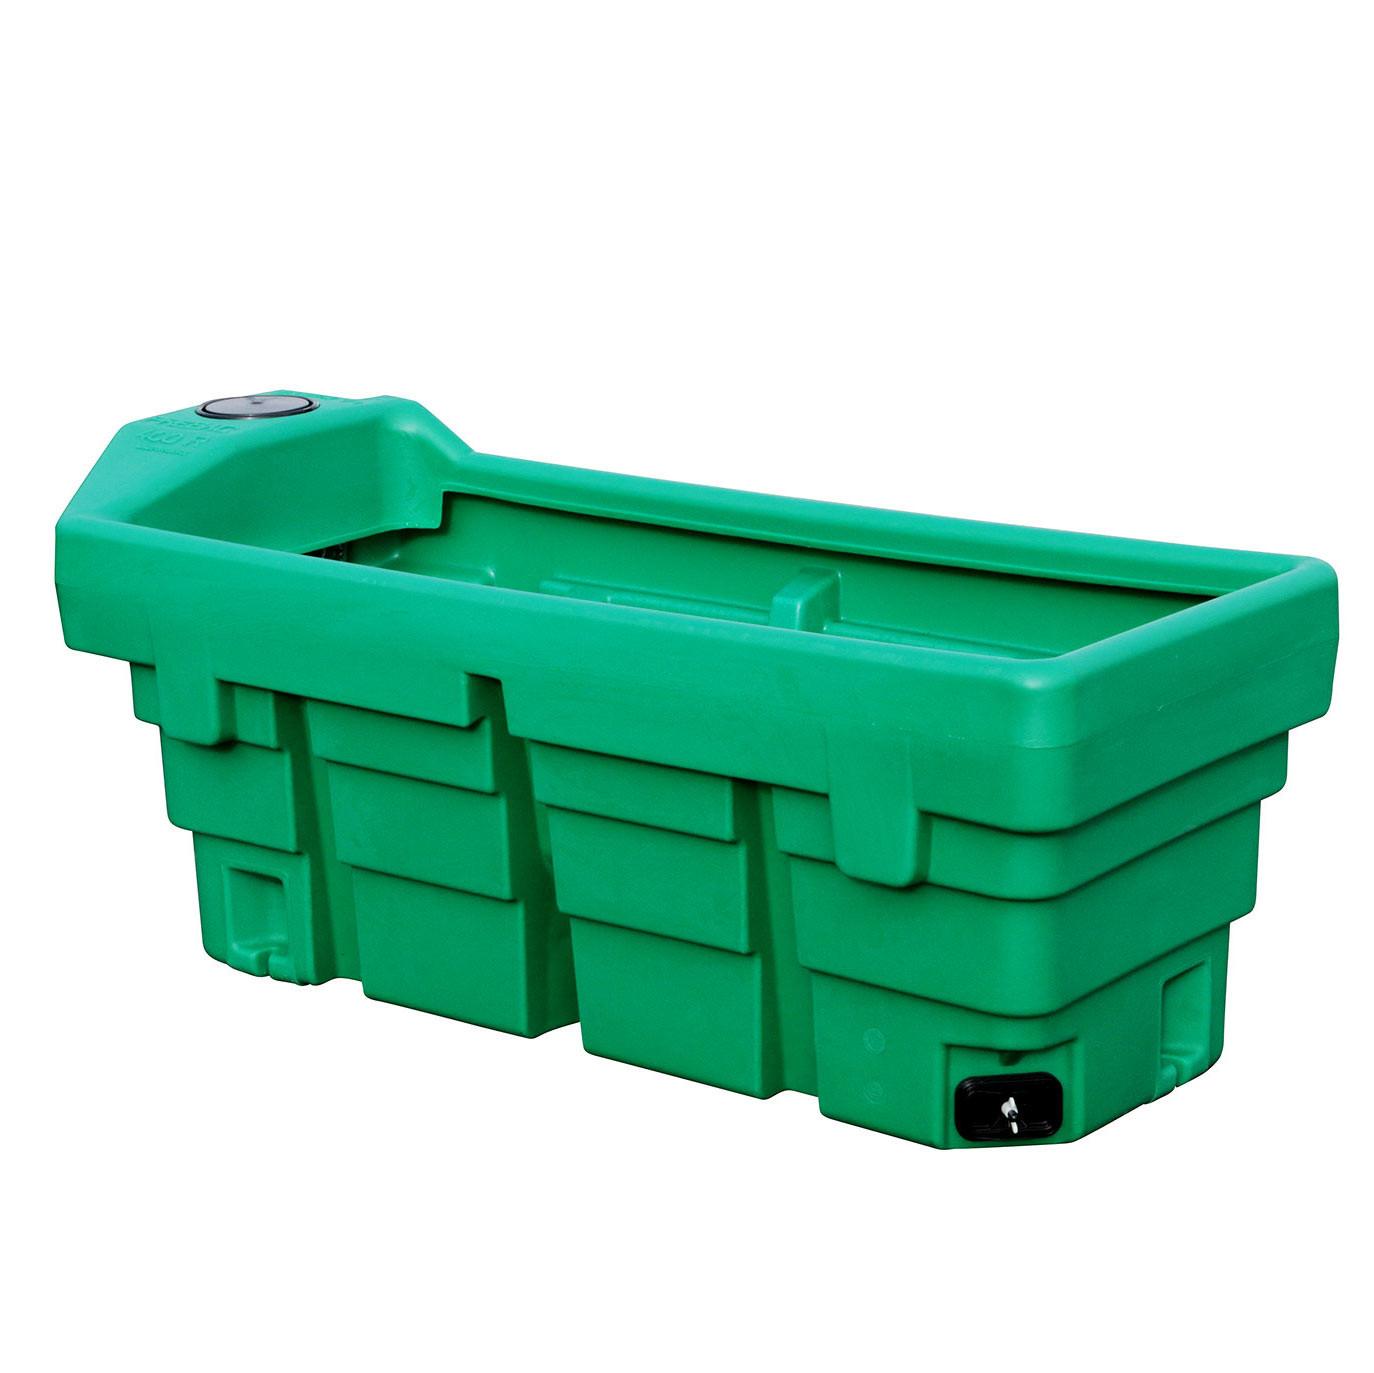 Bac de p ture rectangulaire prebac 400 litres for Bac a poisson 2000l